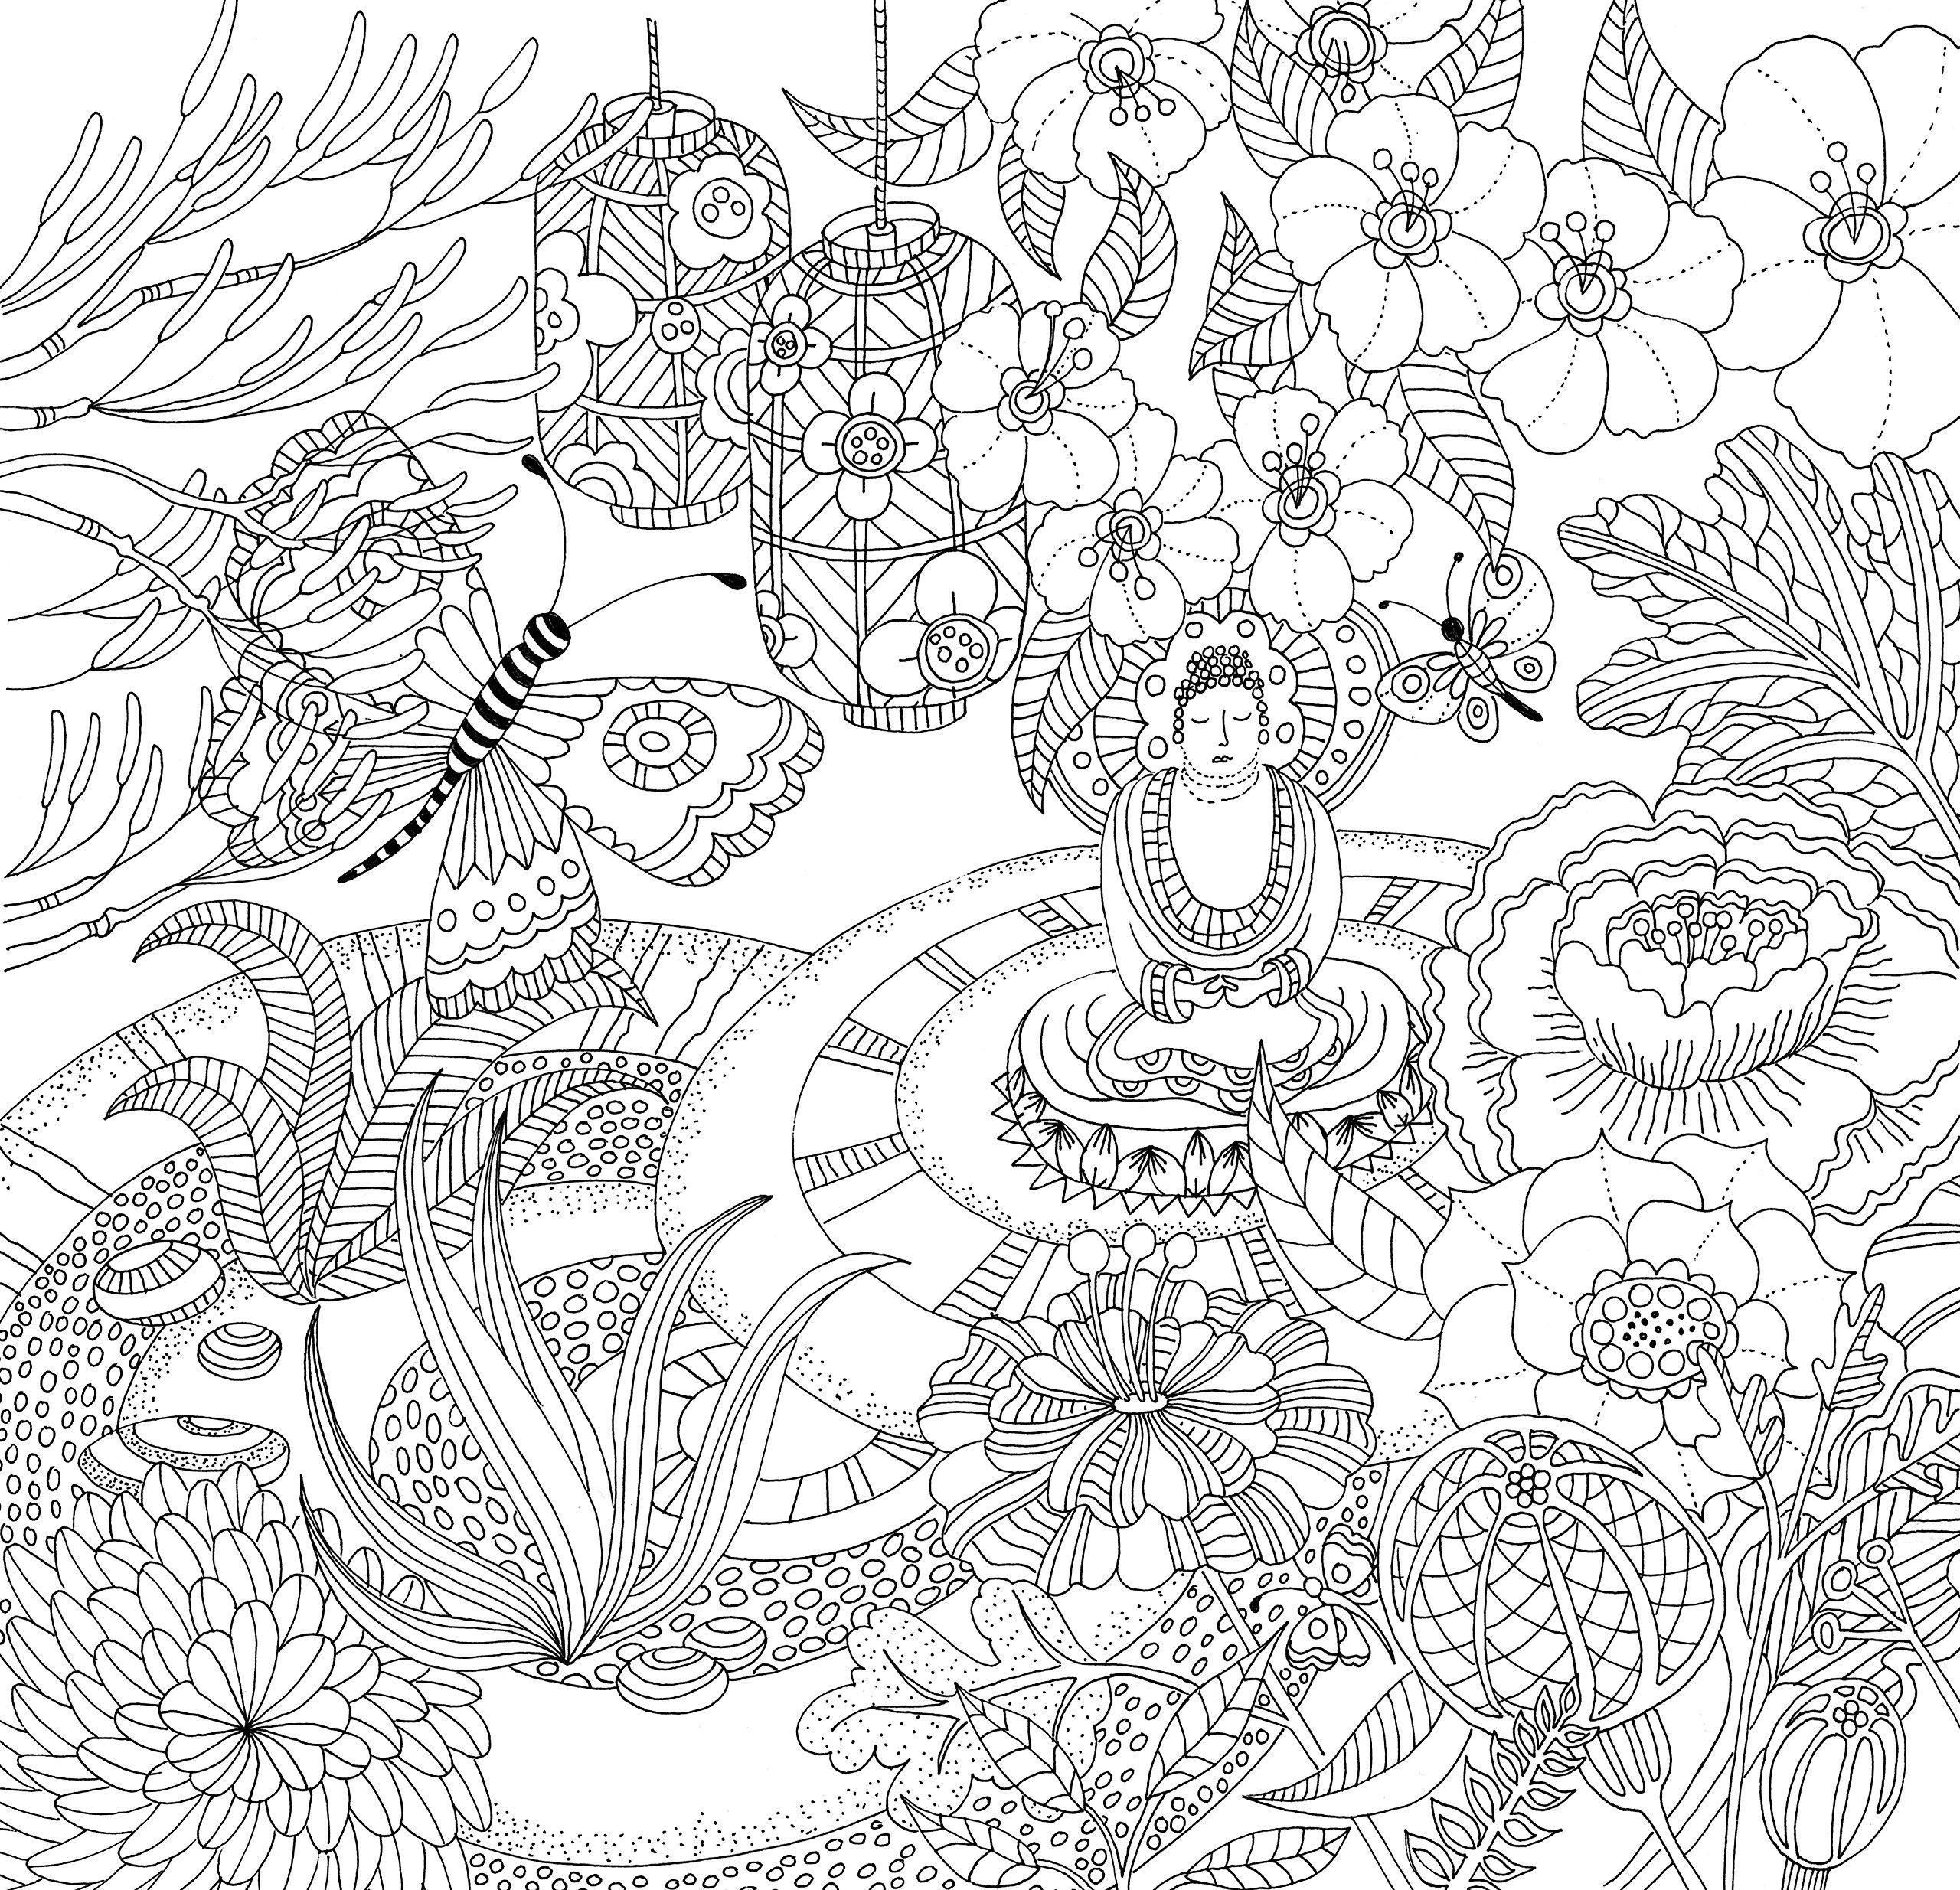 Zen Garden Adult Coloring Book (31 stress-relieving designs ... on pergola design, okinawa design, zen small backyard ideas, zen gardens in japan, loft design, zen gardens landscaping, landscape design, zen flowers, zen space, zen gardening, zen art, zen symbols, mail kiosk design, pool design, zen doodle designs instruction, zen paint colors, patio design,